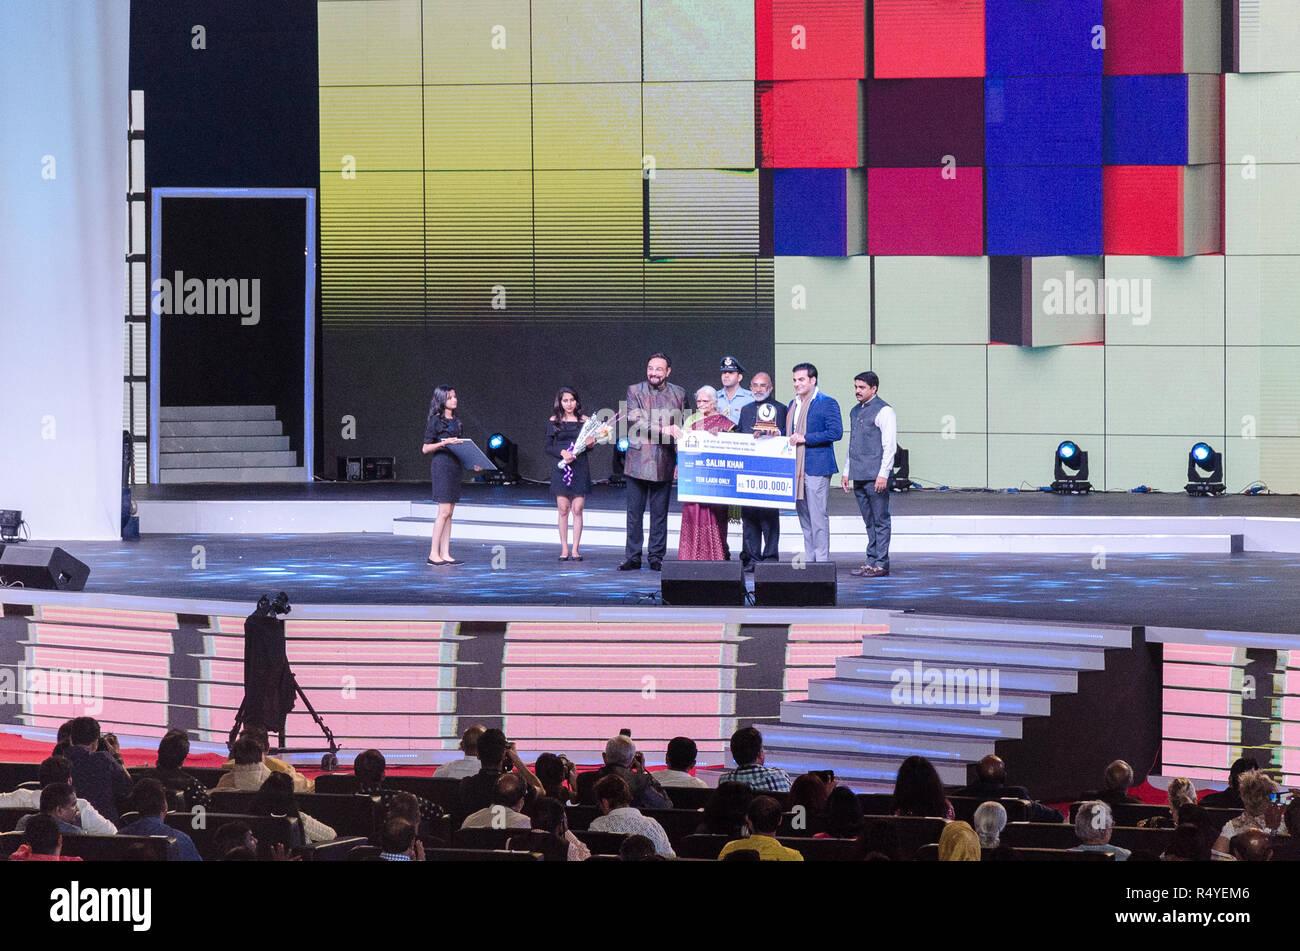 Taleigao, India. El 28 de noviembre, 2018. Arbaaz Khan acepta el premio en nombre de Salim Khan para la ceremonia de clausura del 49º Festival Internacional de Cine de India en Dr Shyama Prasad Mukherjee estadio cubierto, Taleigao, Goa, India. El legendario guionista Salim Khan fue honrado con IFFI Premio Especial por su contribución al cine de por vida. Arunabh Bhattacharjee/Alamy Live News Imagen De Stock